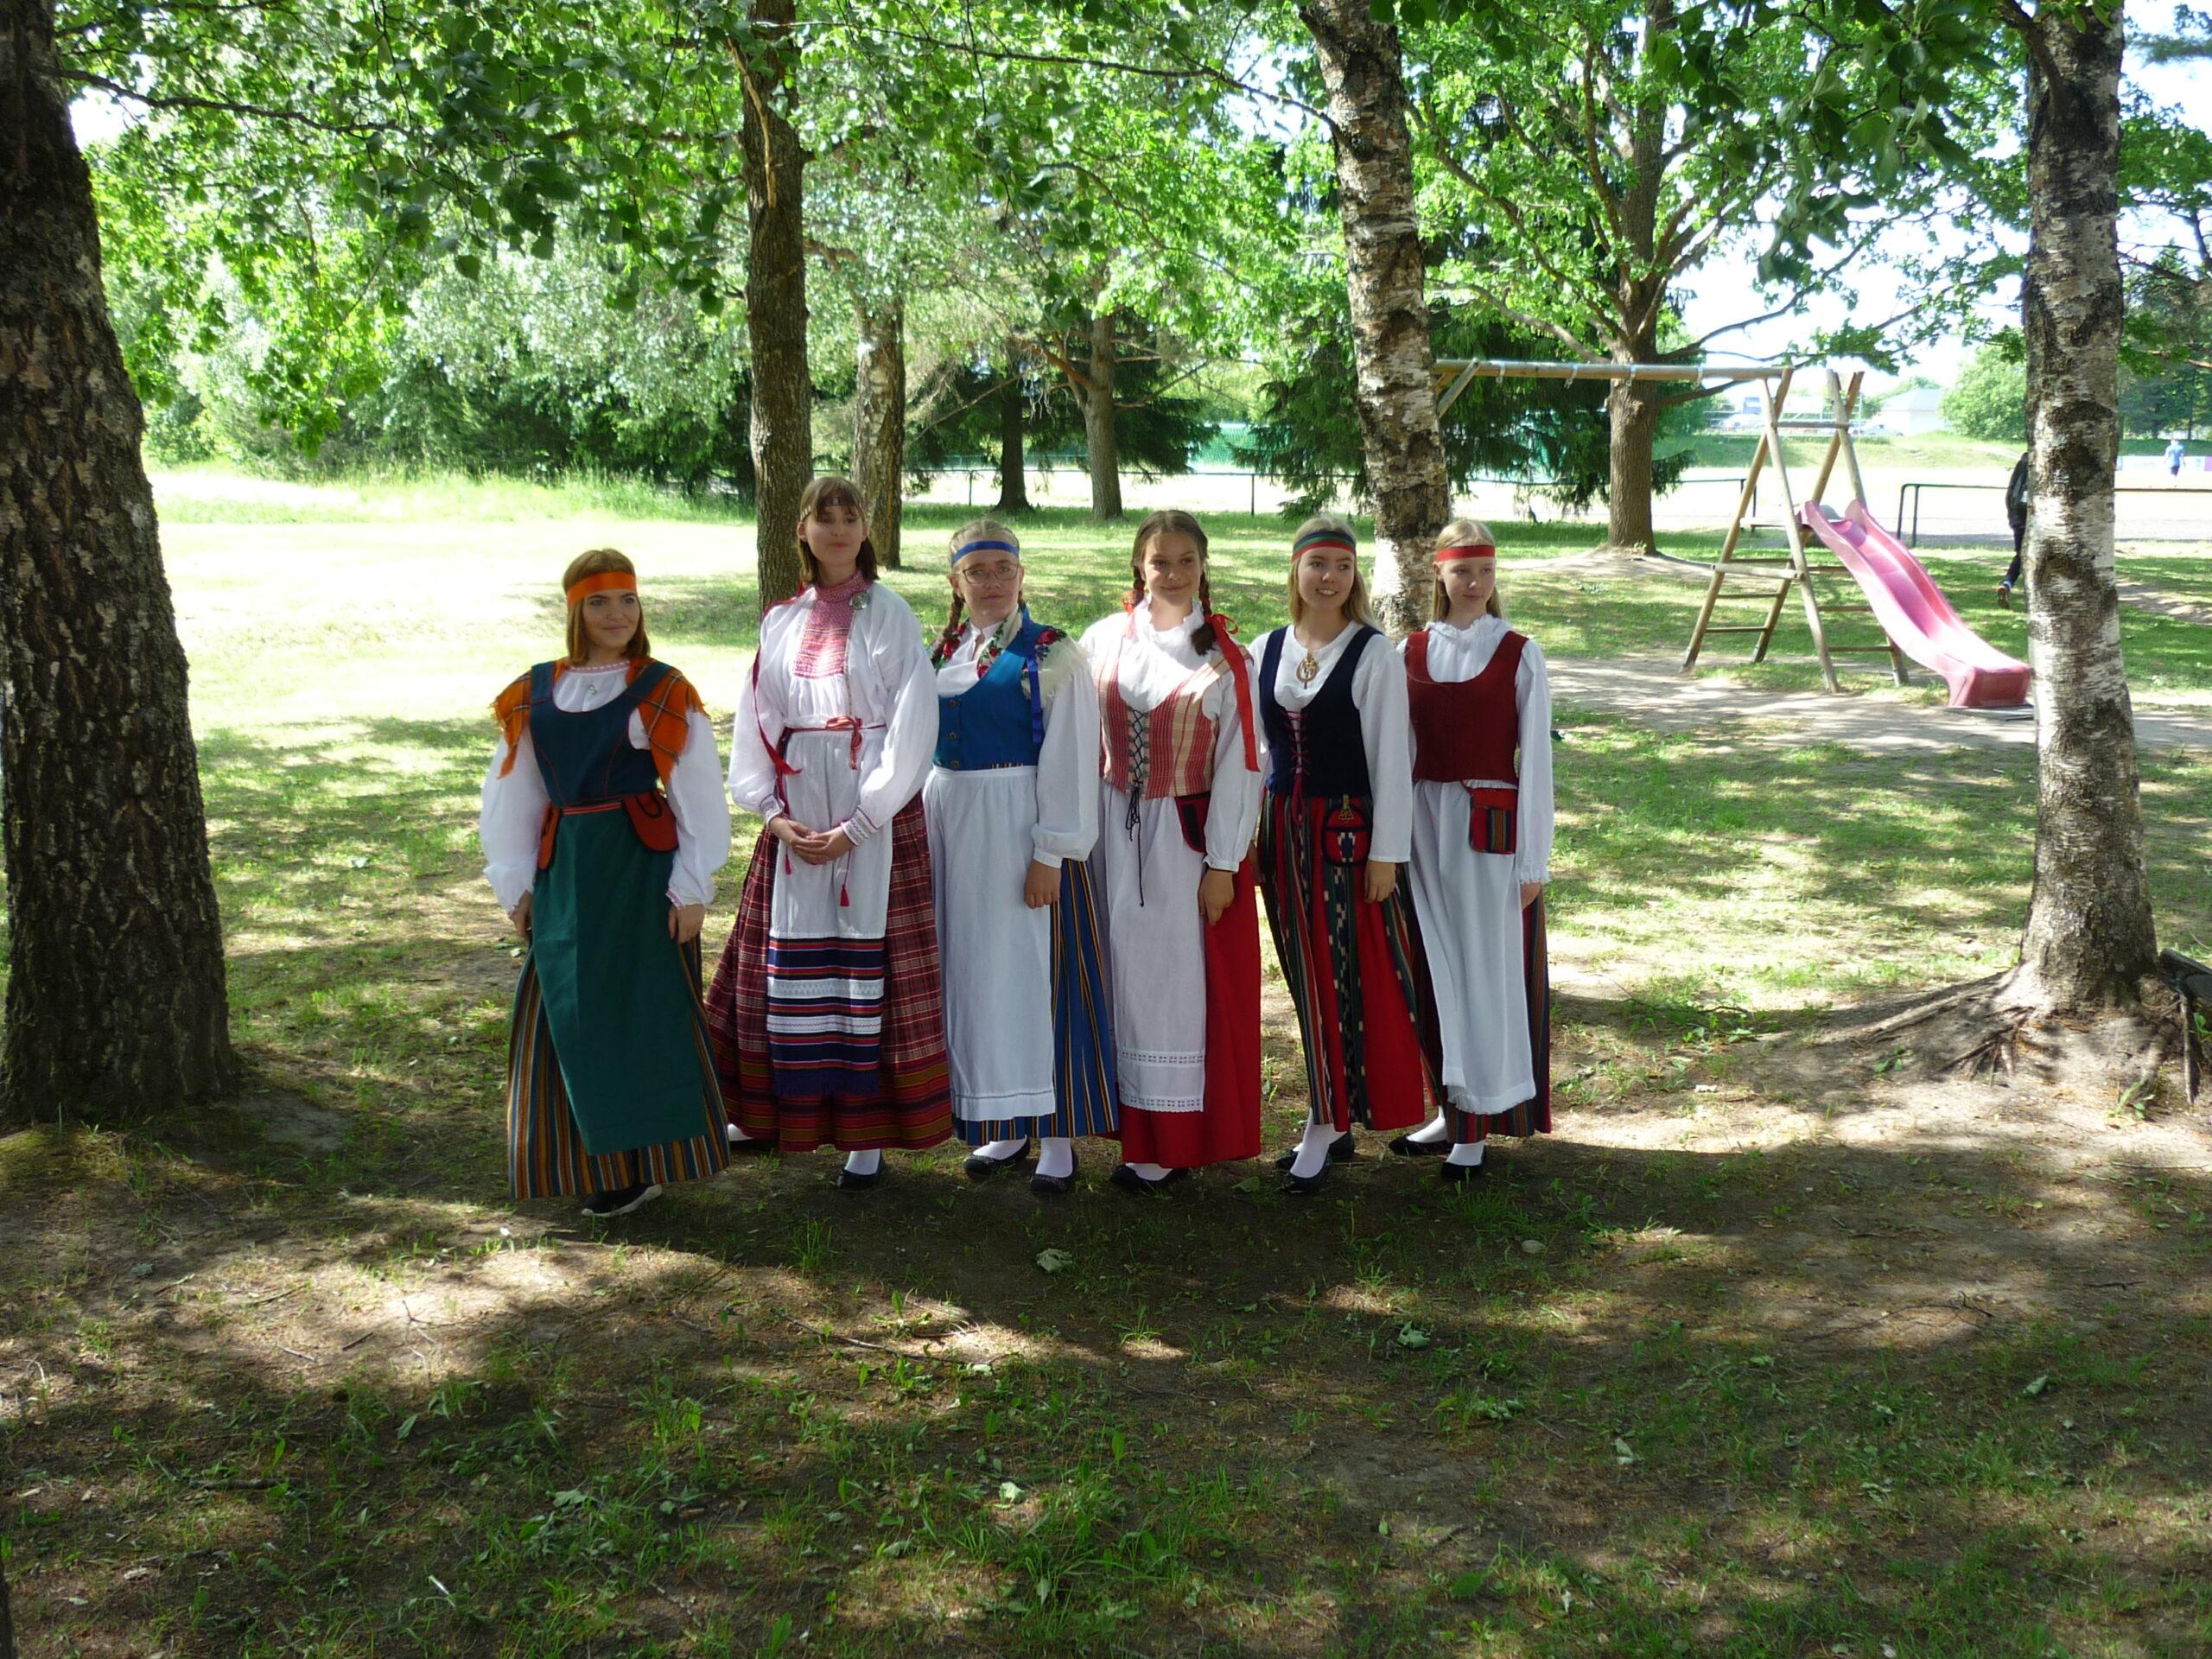 Nurmijärvi tantsijad tantsupeol 1